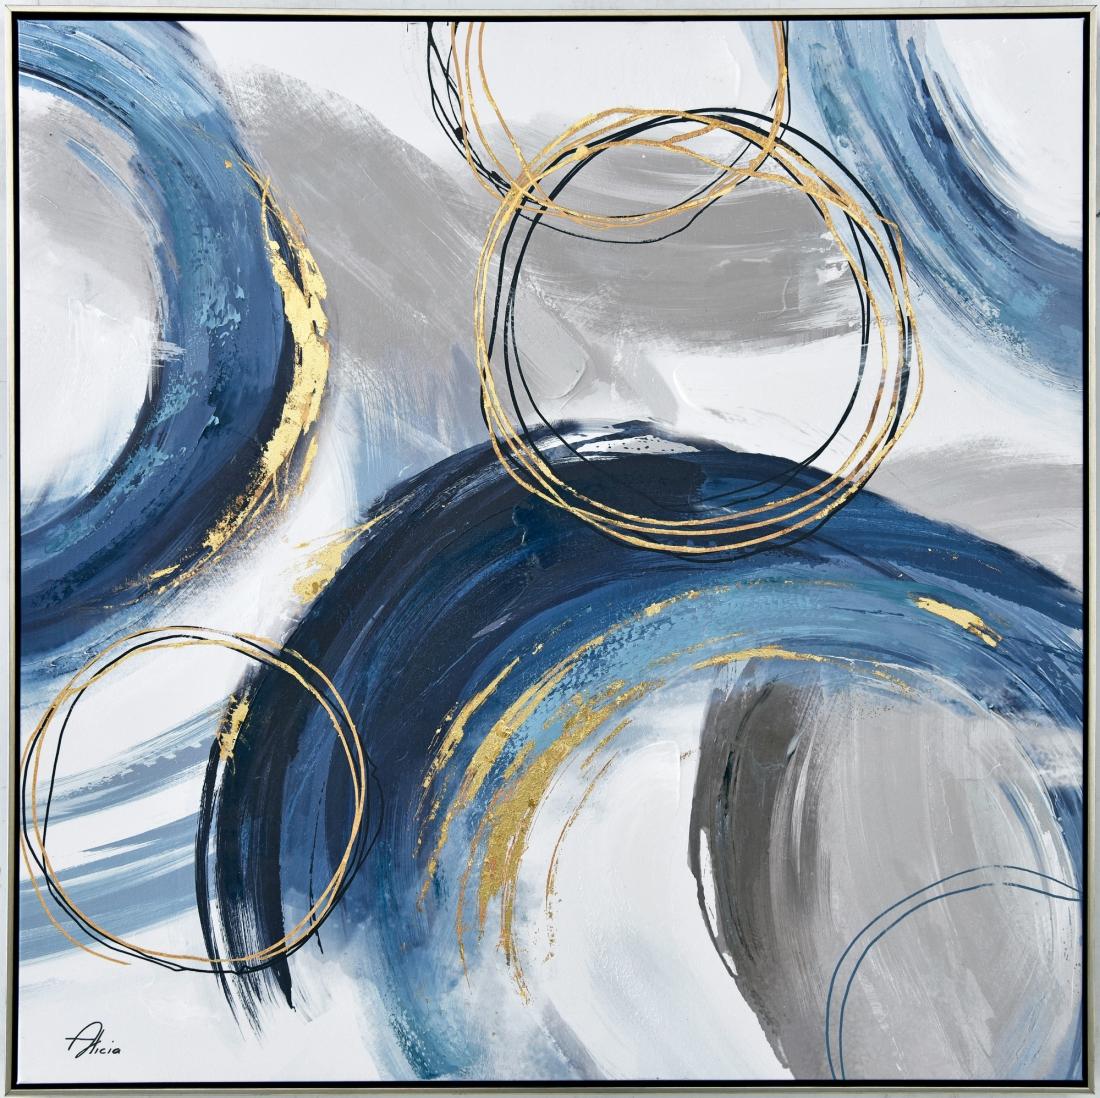 Schilderij abstracte vegen 82x82